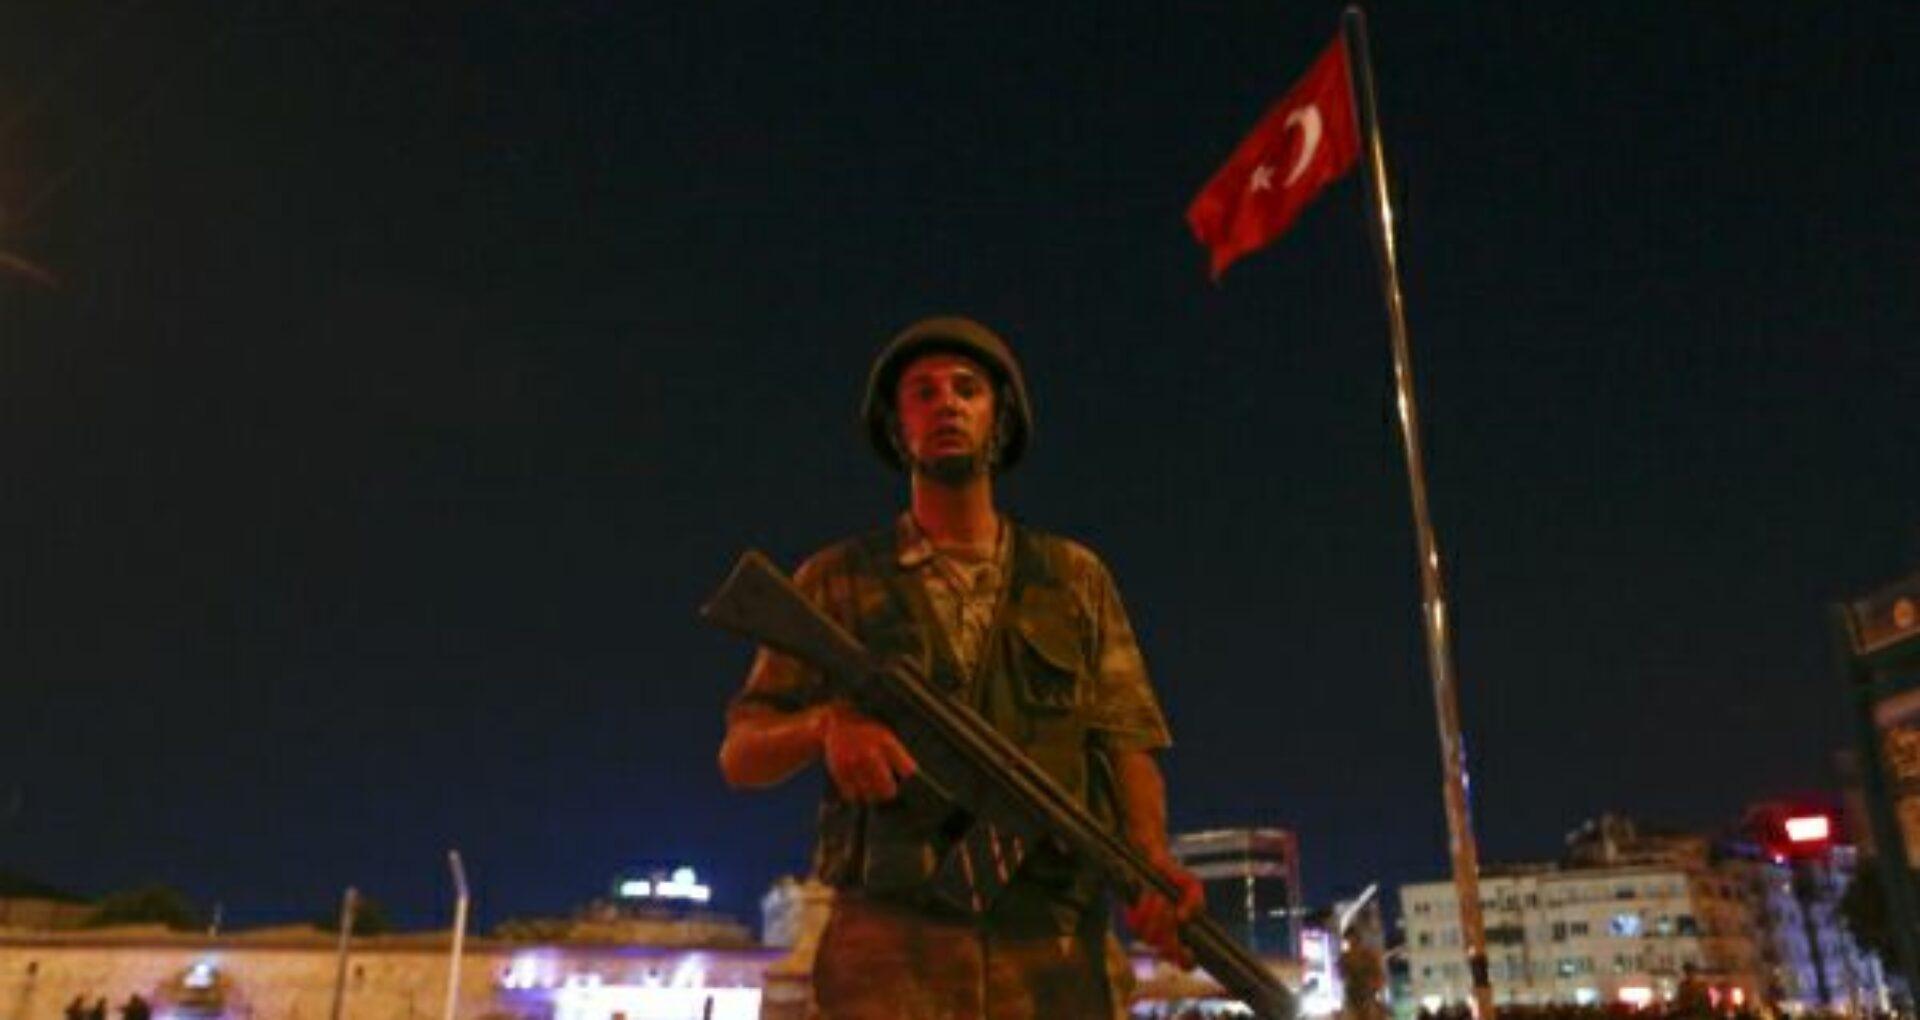 Televiziunea de stat turcă și-a întrerupt emisia. Un elicopter militar a deschis focul deasupra capitalei